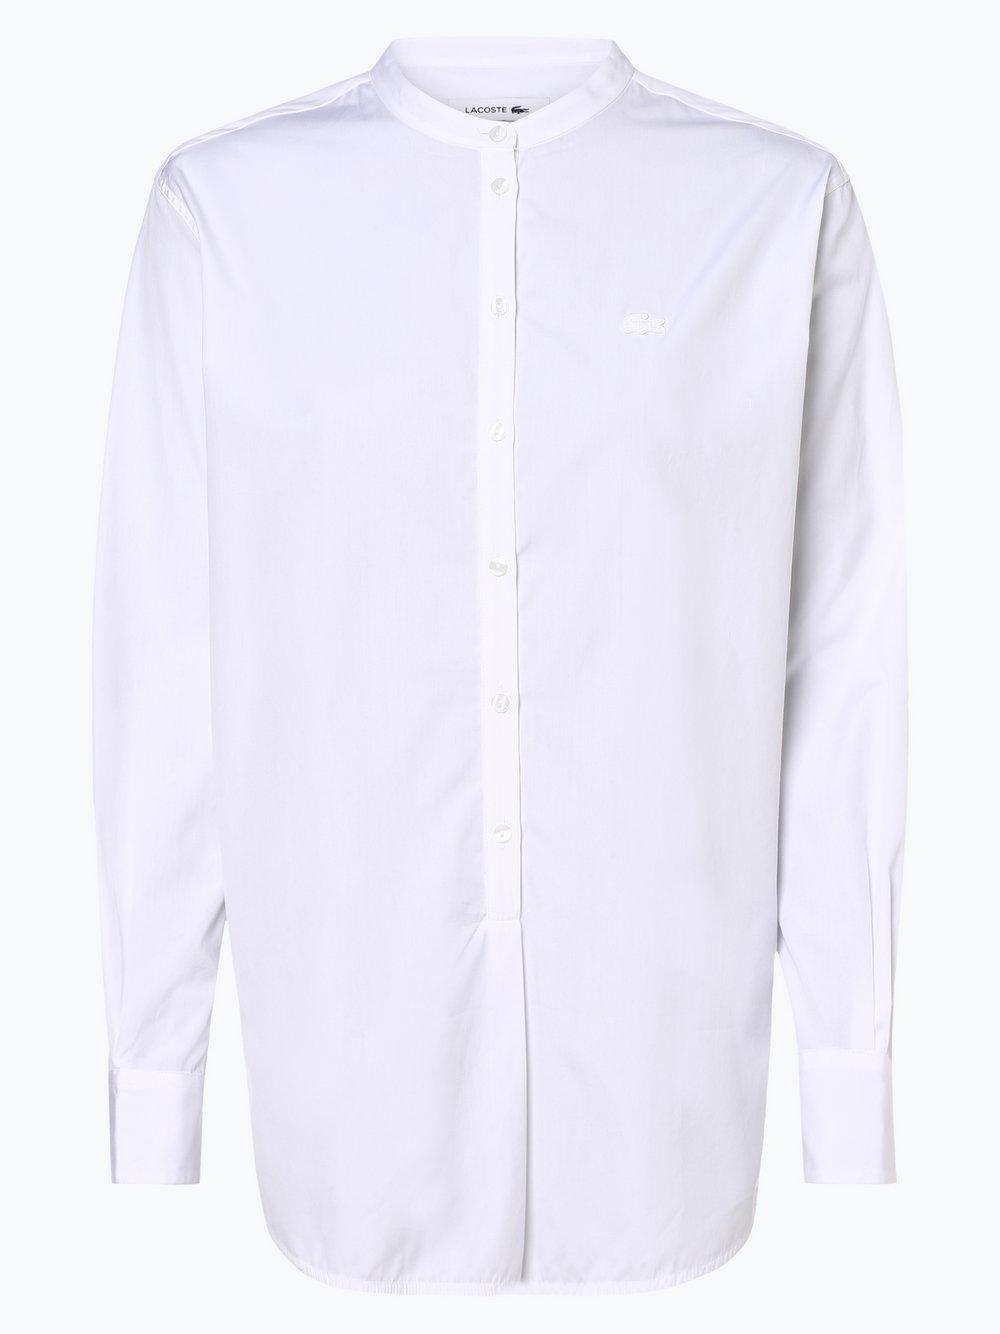 Lacoste - Bluzka damska, biały